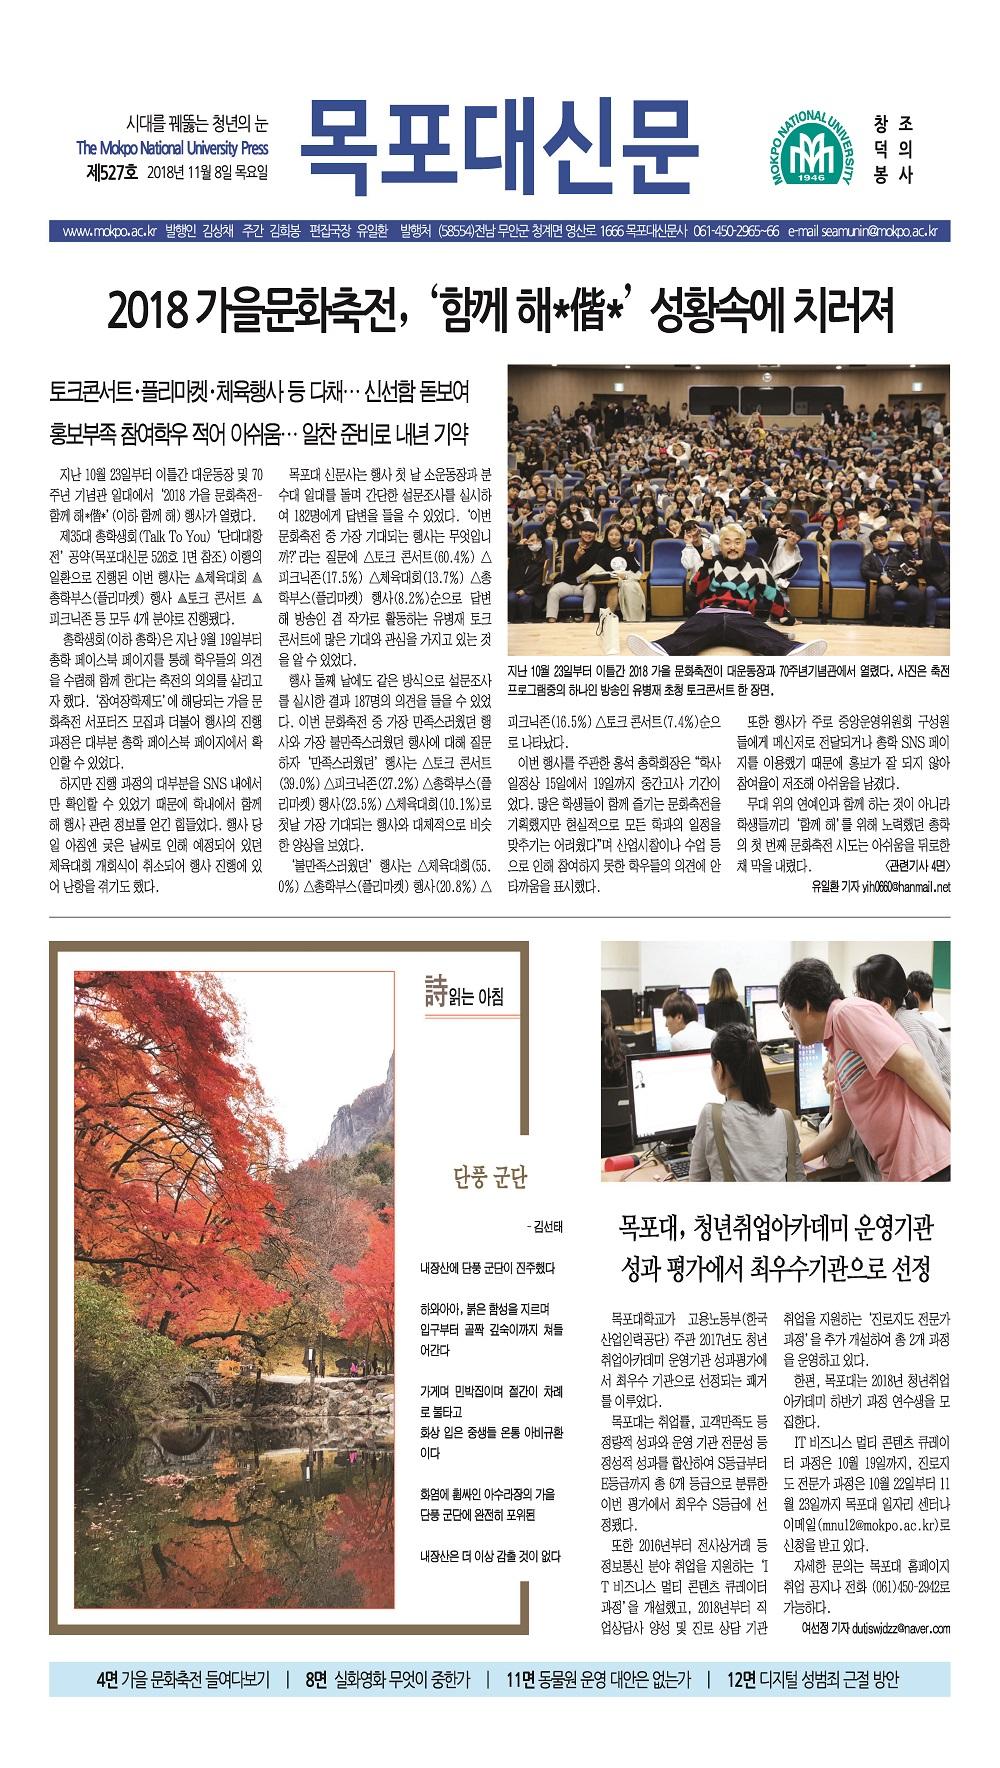 2018년도 목포대신문 527호